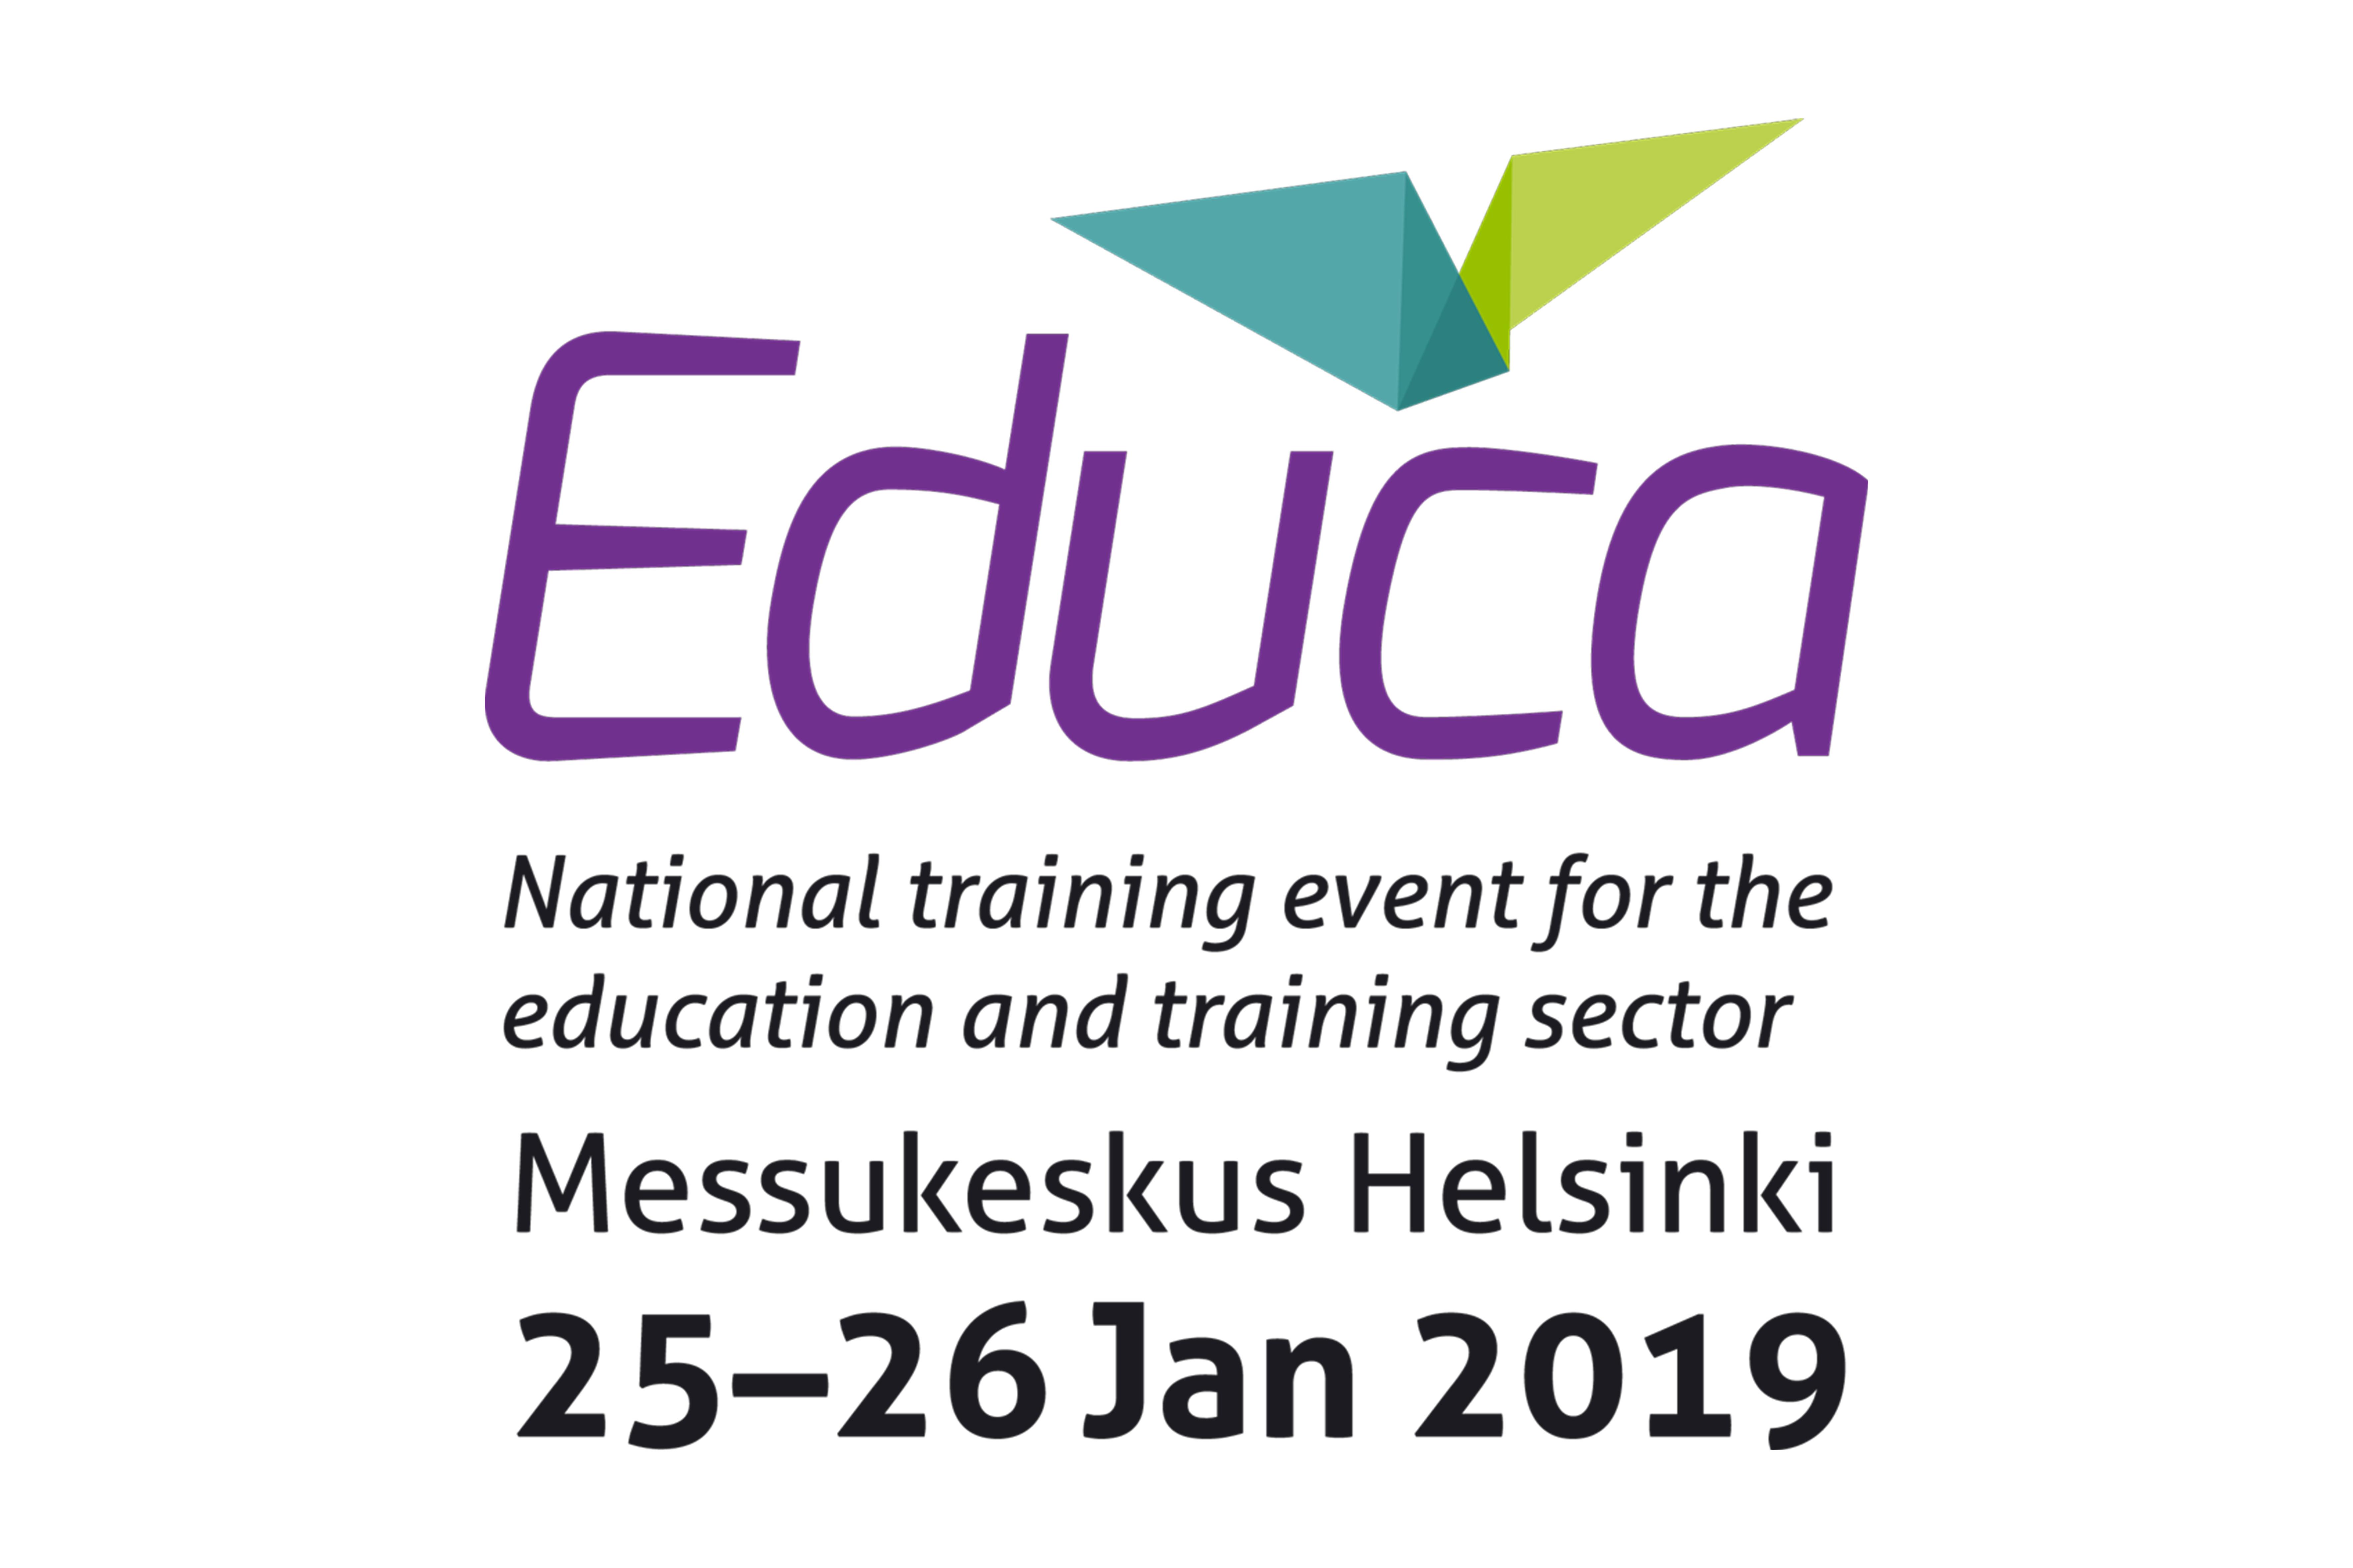 educa_600